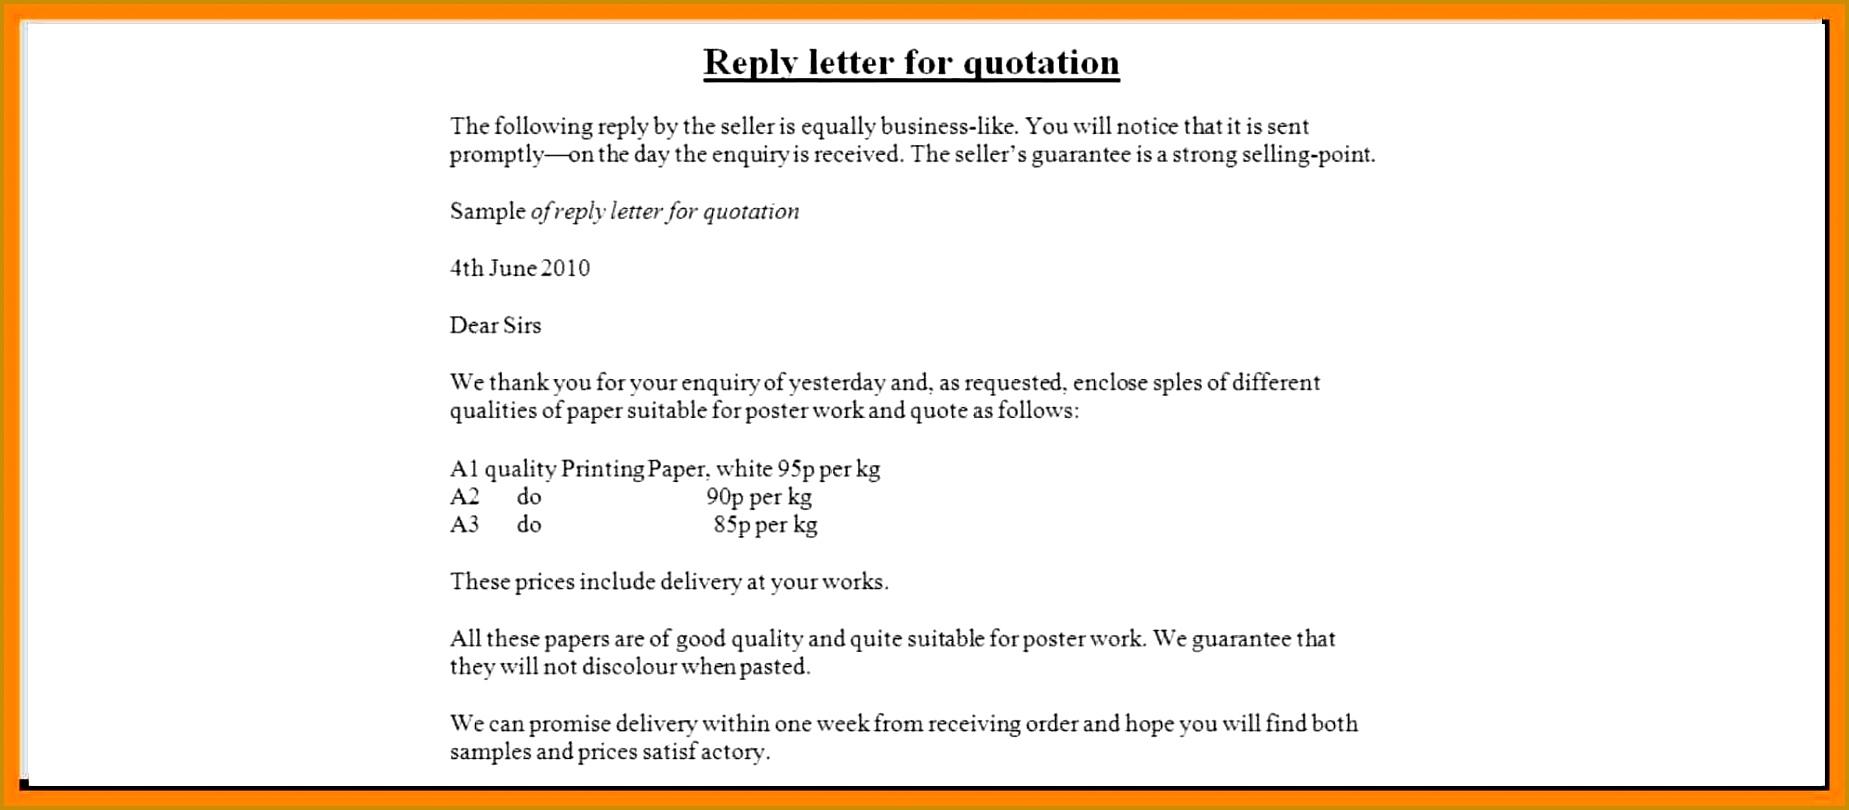 request letter quatation request for financial assistance letter 8101849